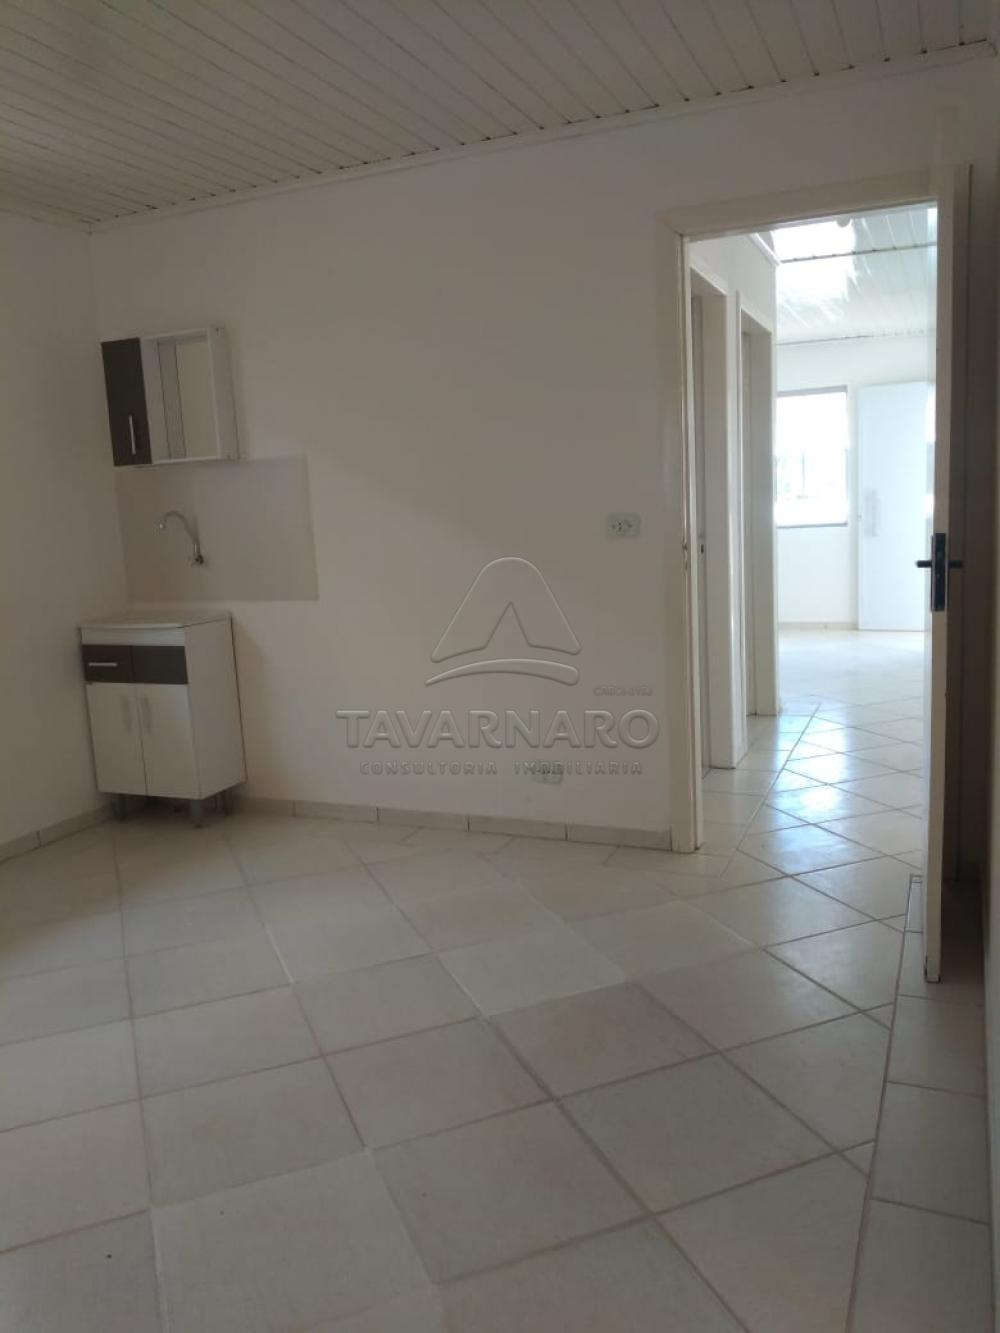 Alugar Casa / Comercial em Carambeí apenas R$ 1.700,00 - Foto 3